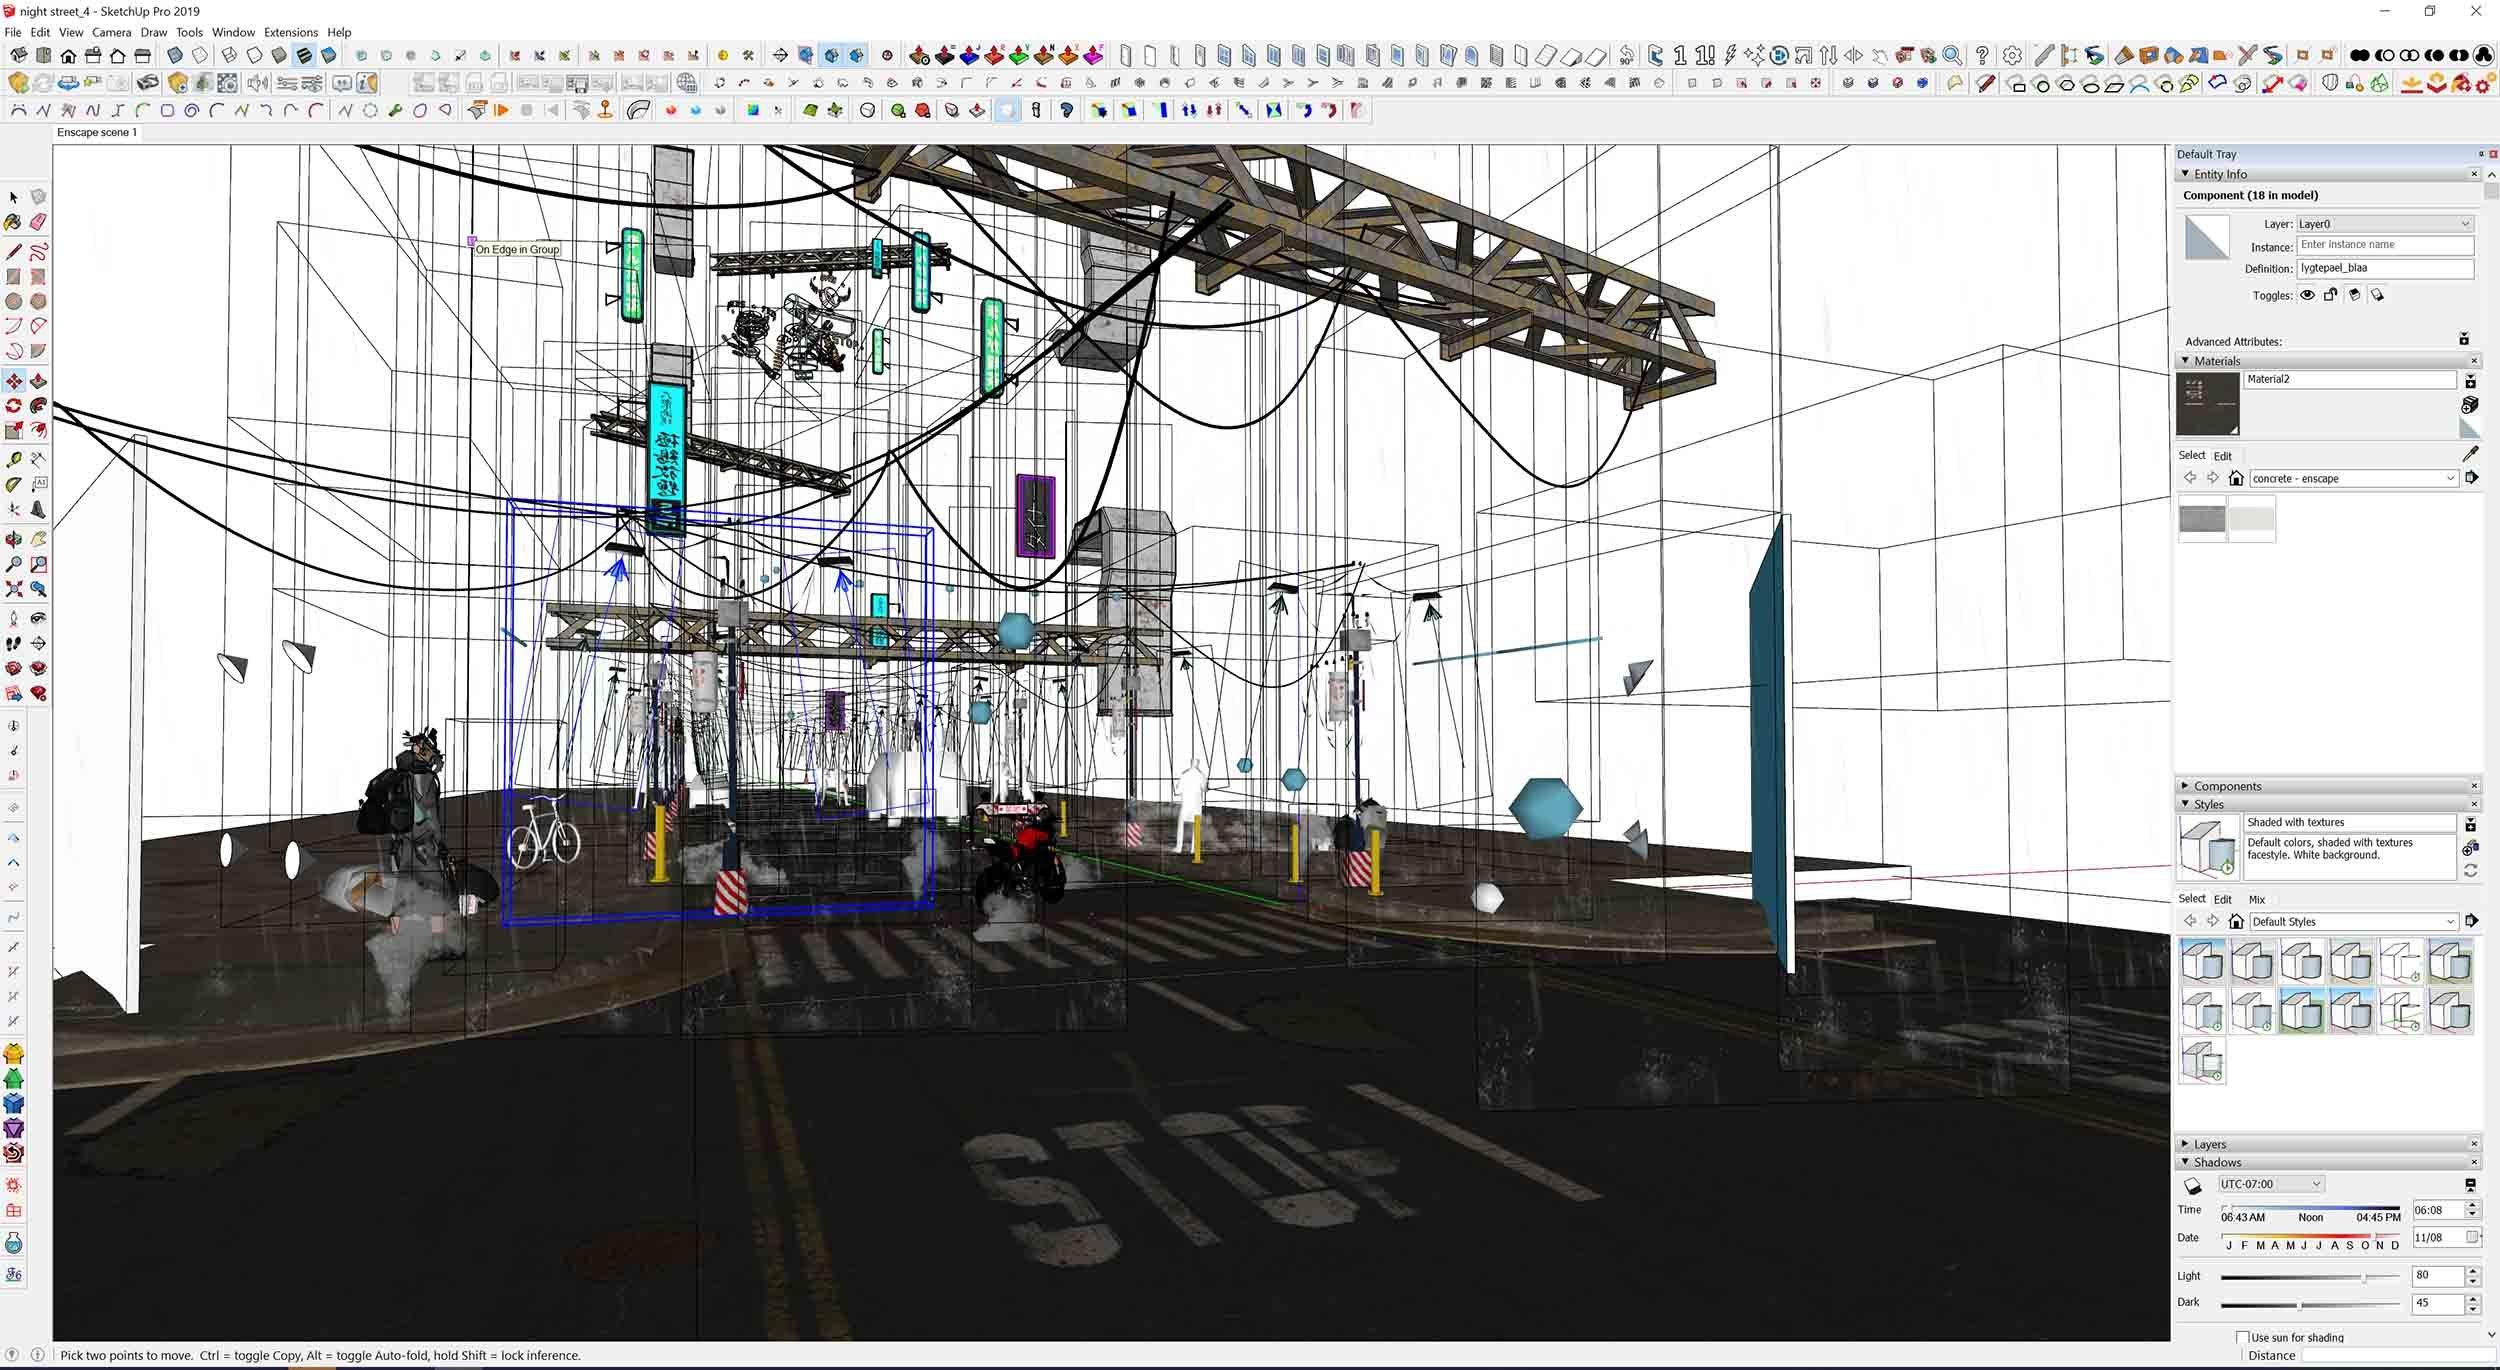 SketchUp View 1